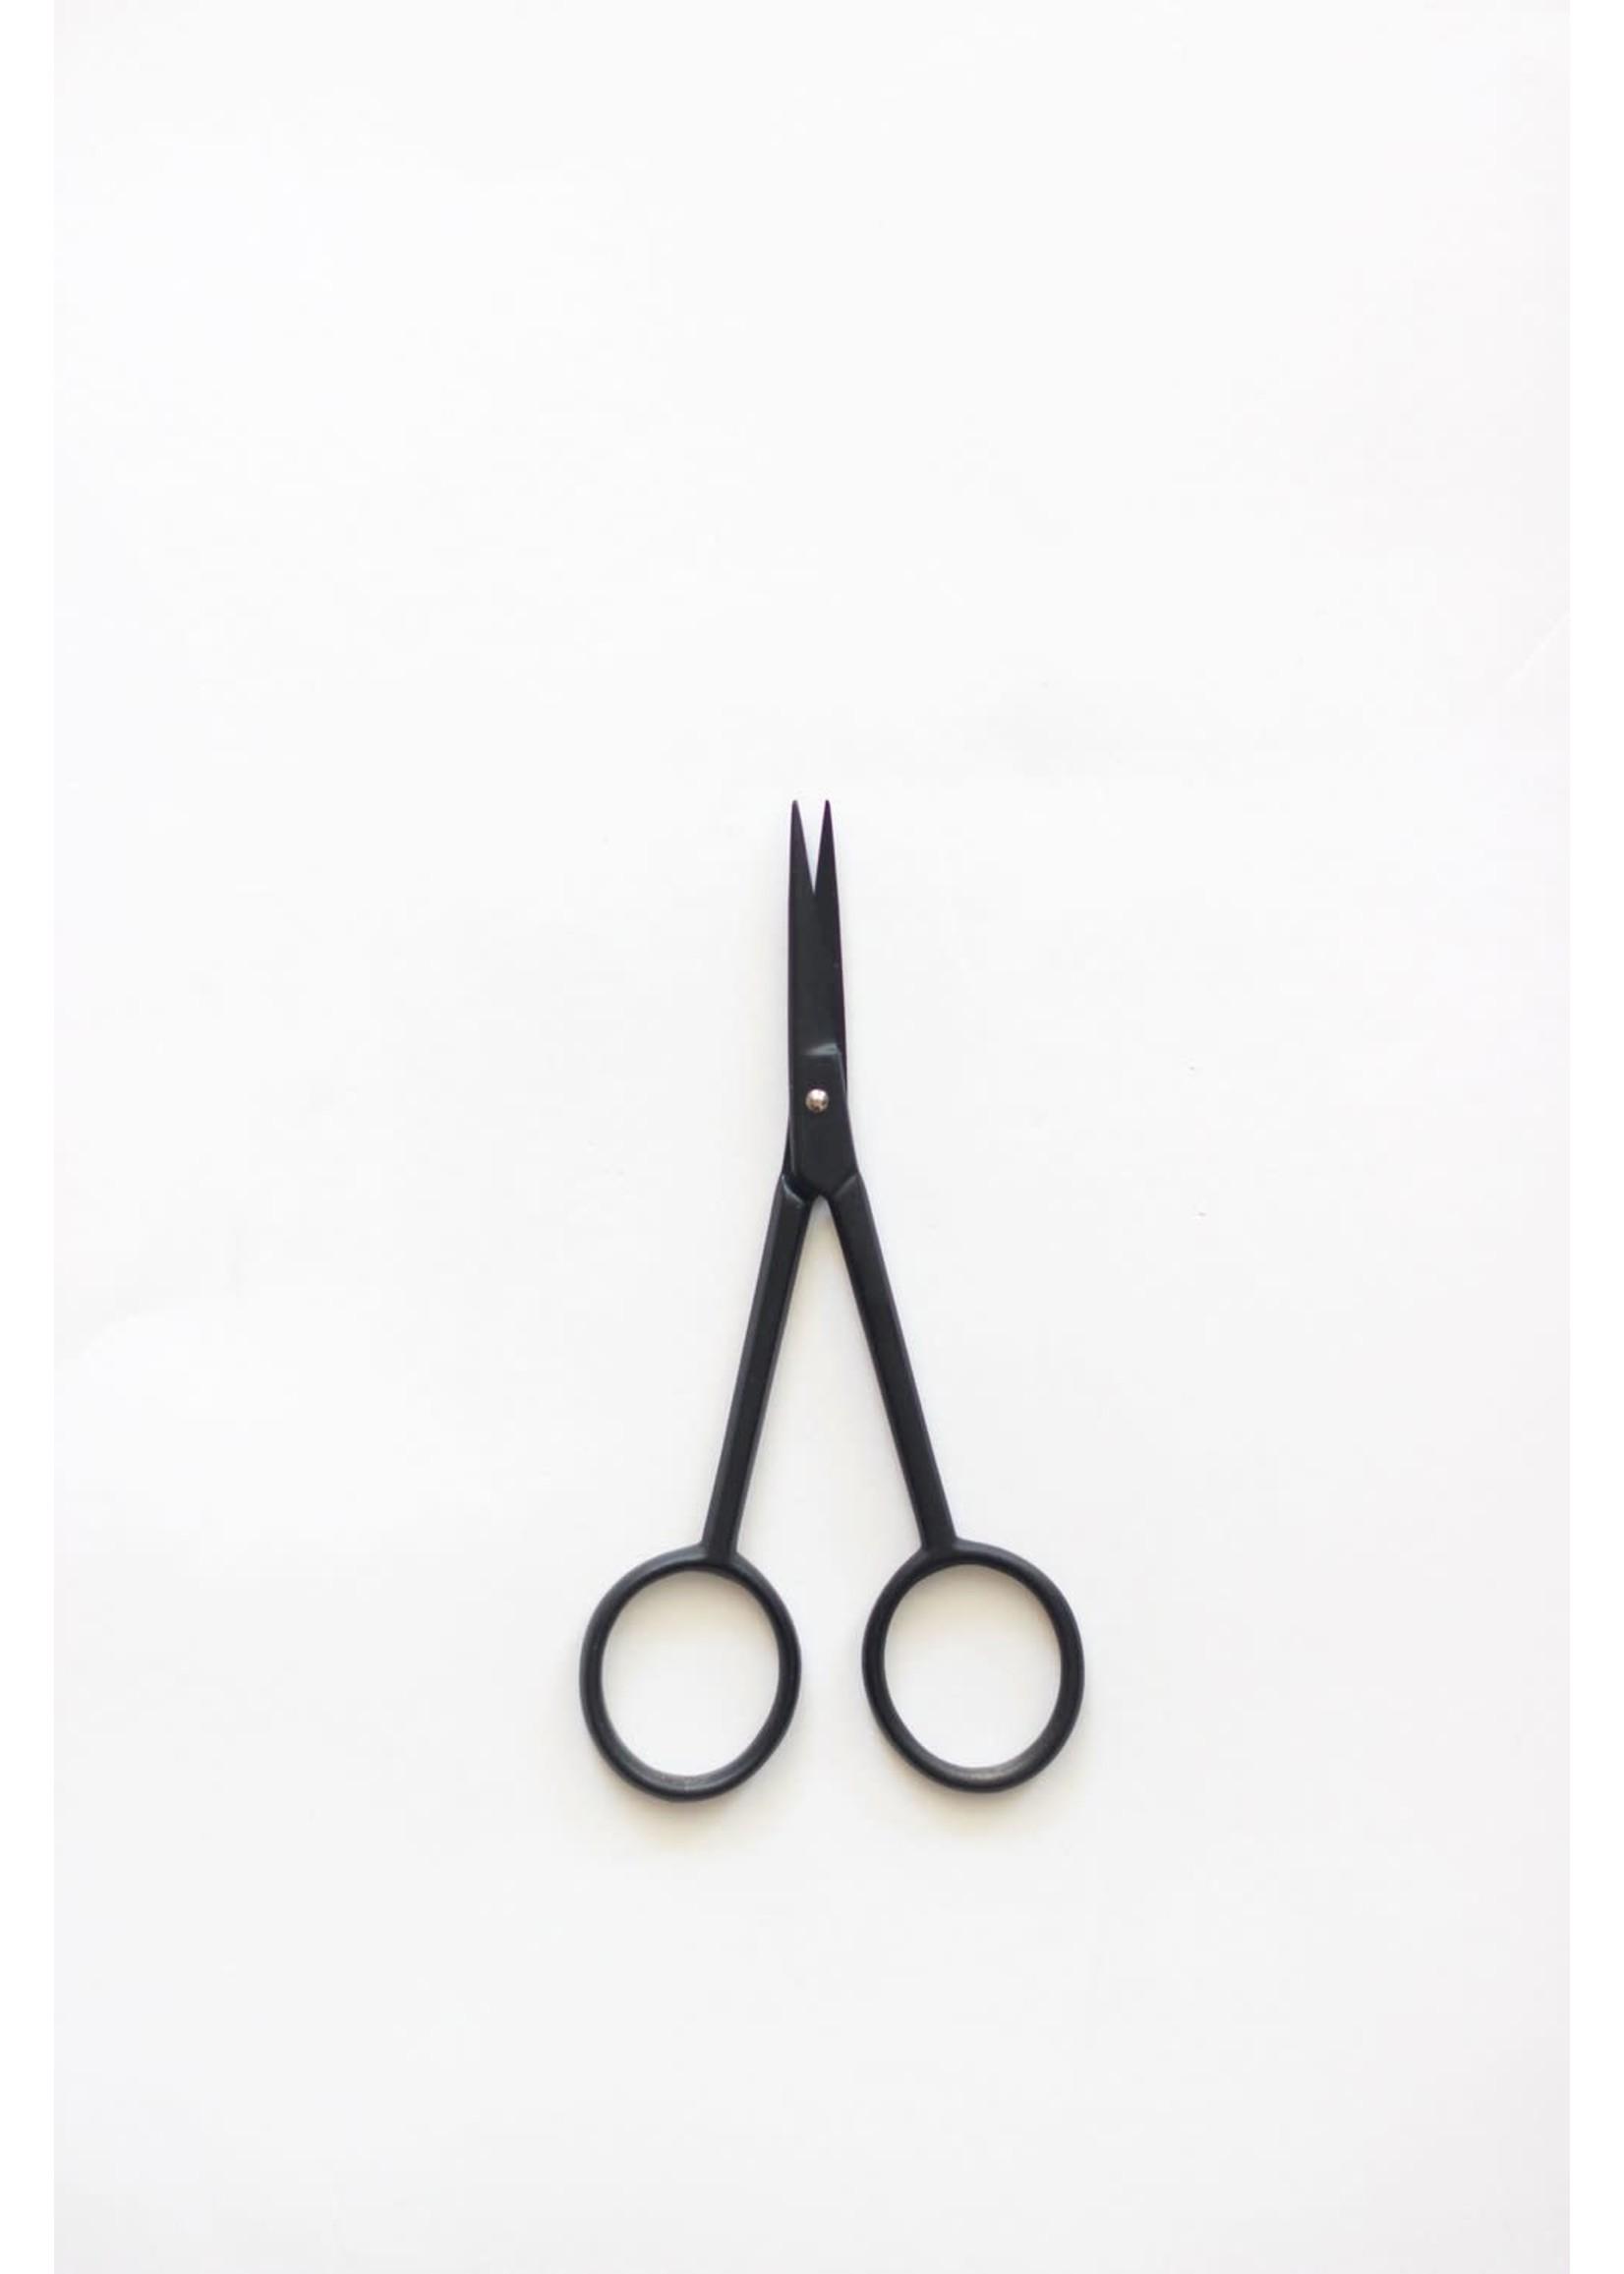 Scissors - Black Silhouette